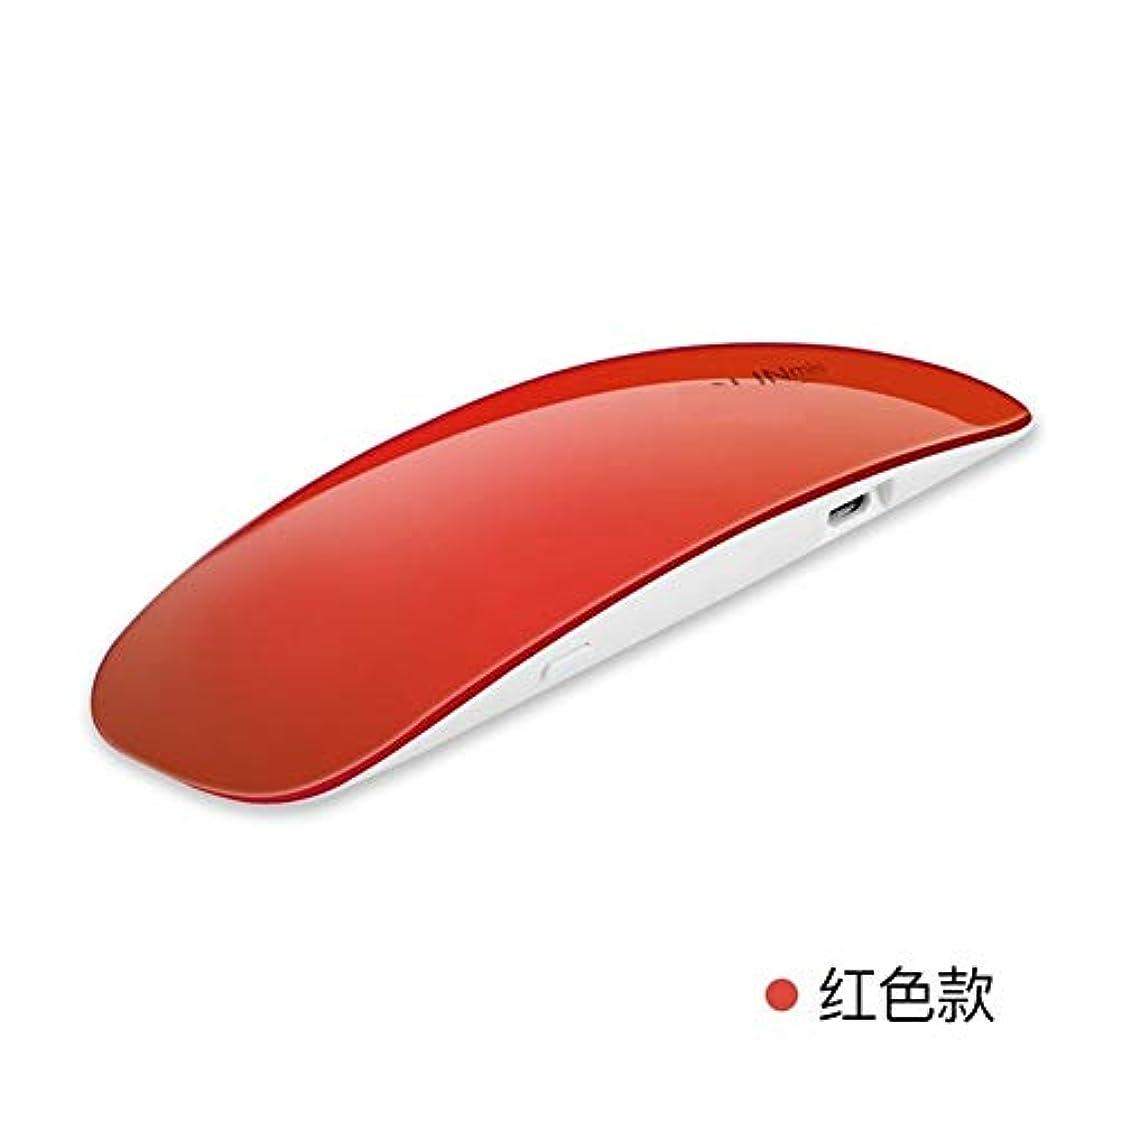 マインド不明瞭負荷LittleCat ネイルマウスランプライト光線療法マシンミニUSBベーキング日ランプLEDライトセラピーランプ乾燥 (色 : 赤)